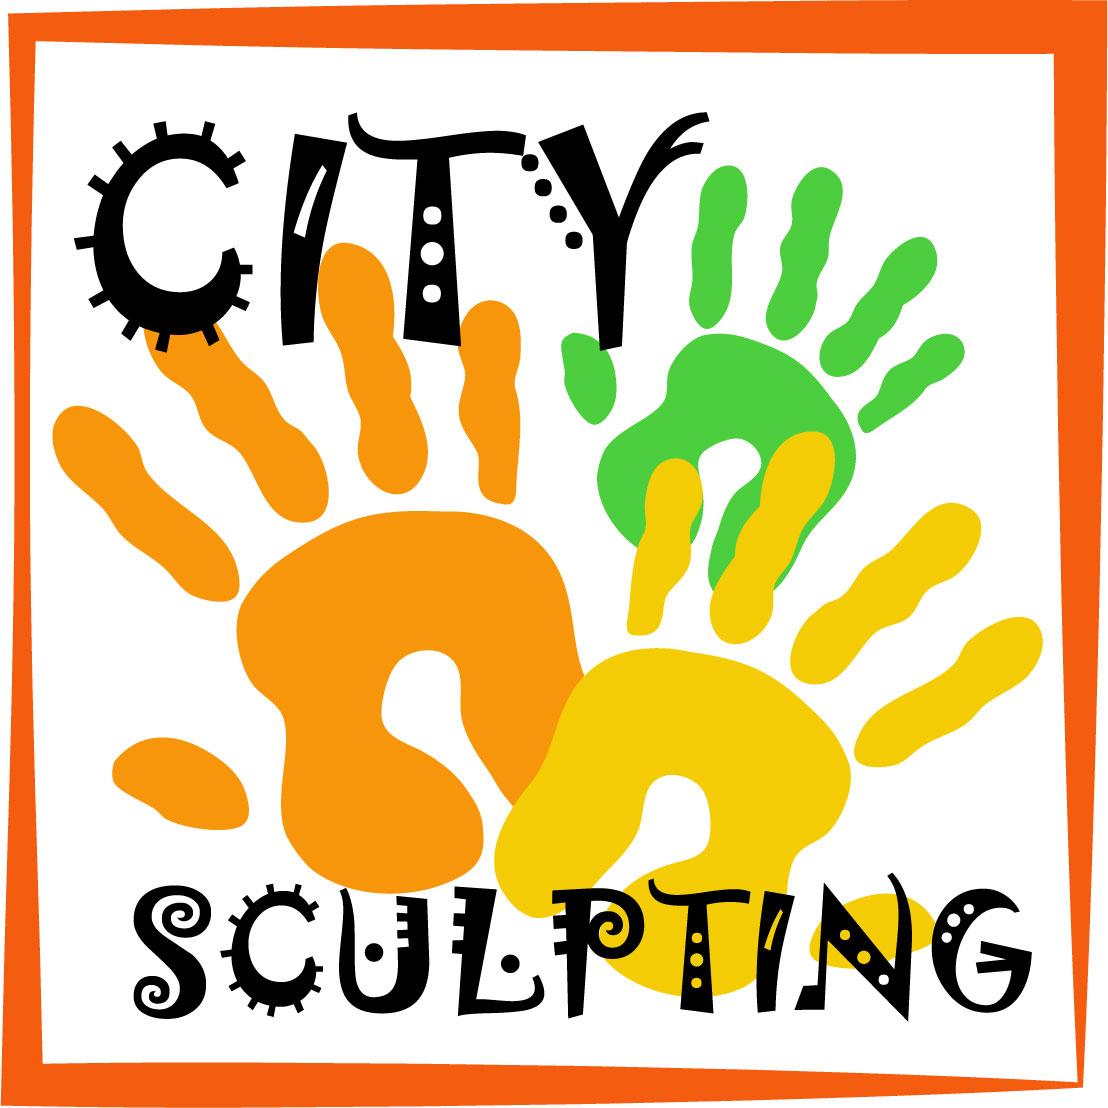 City Sculpting